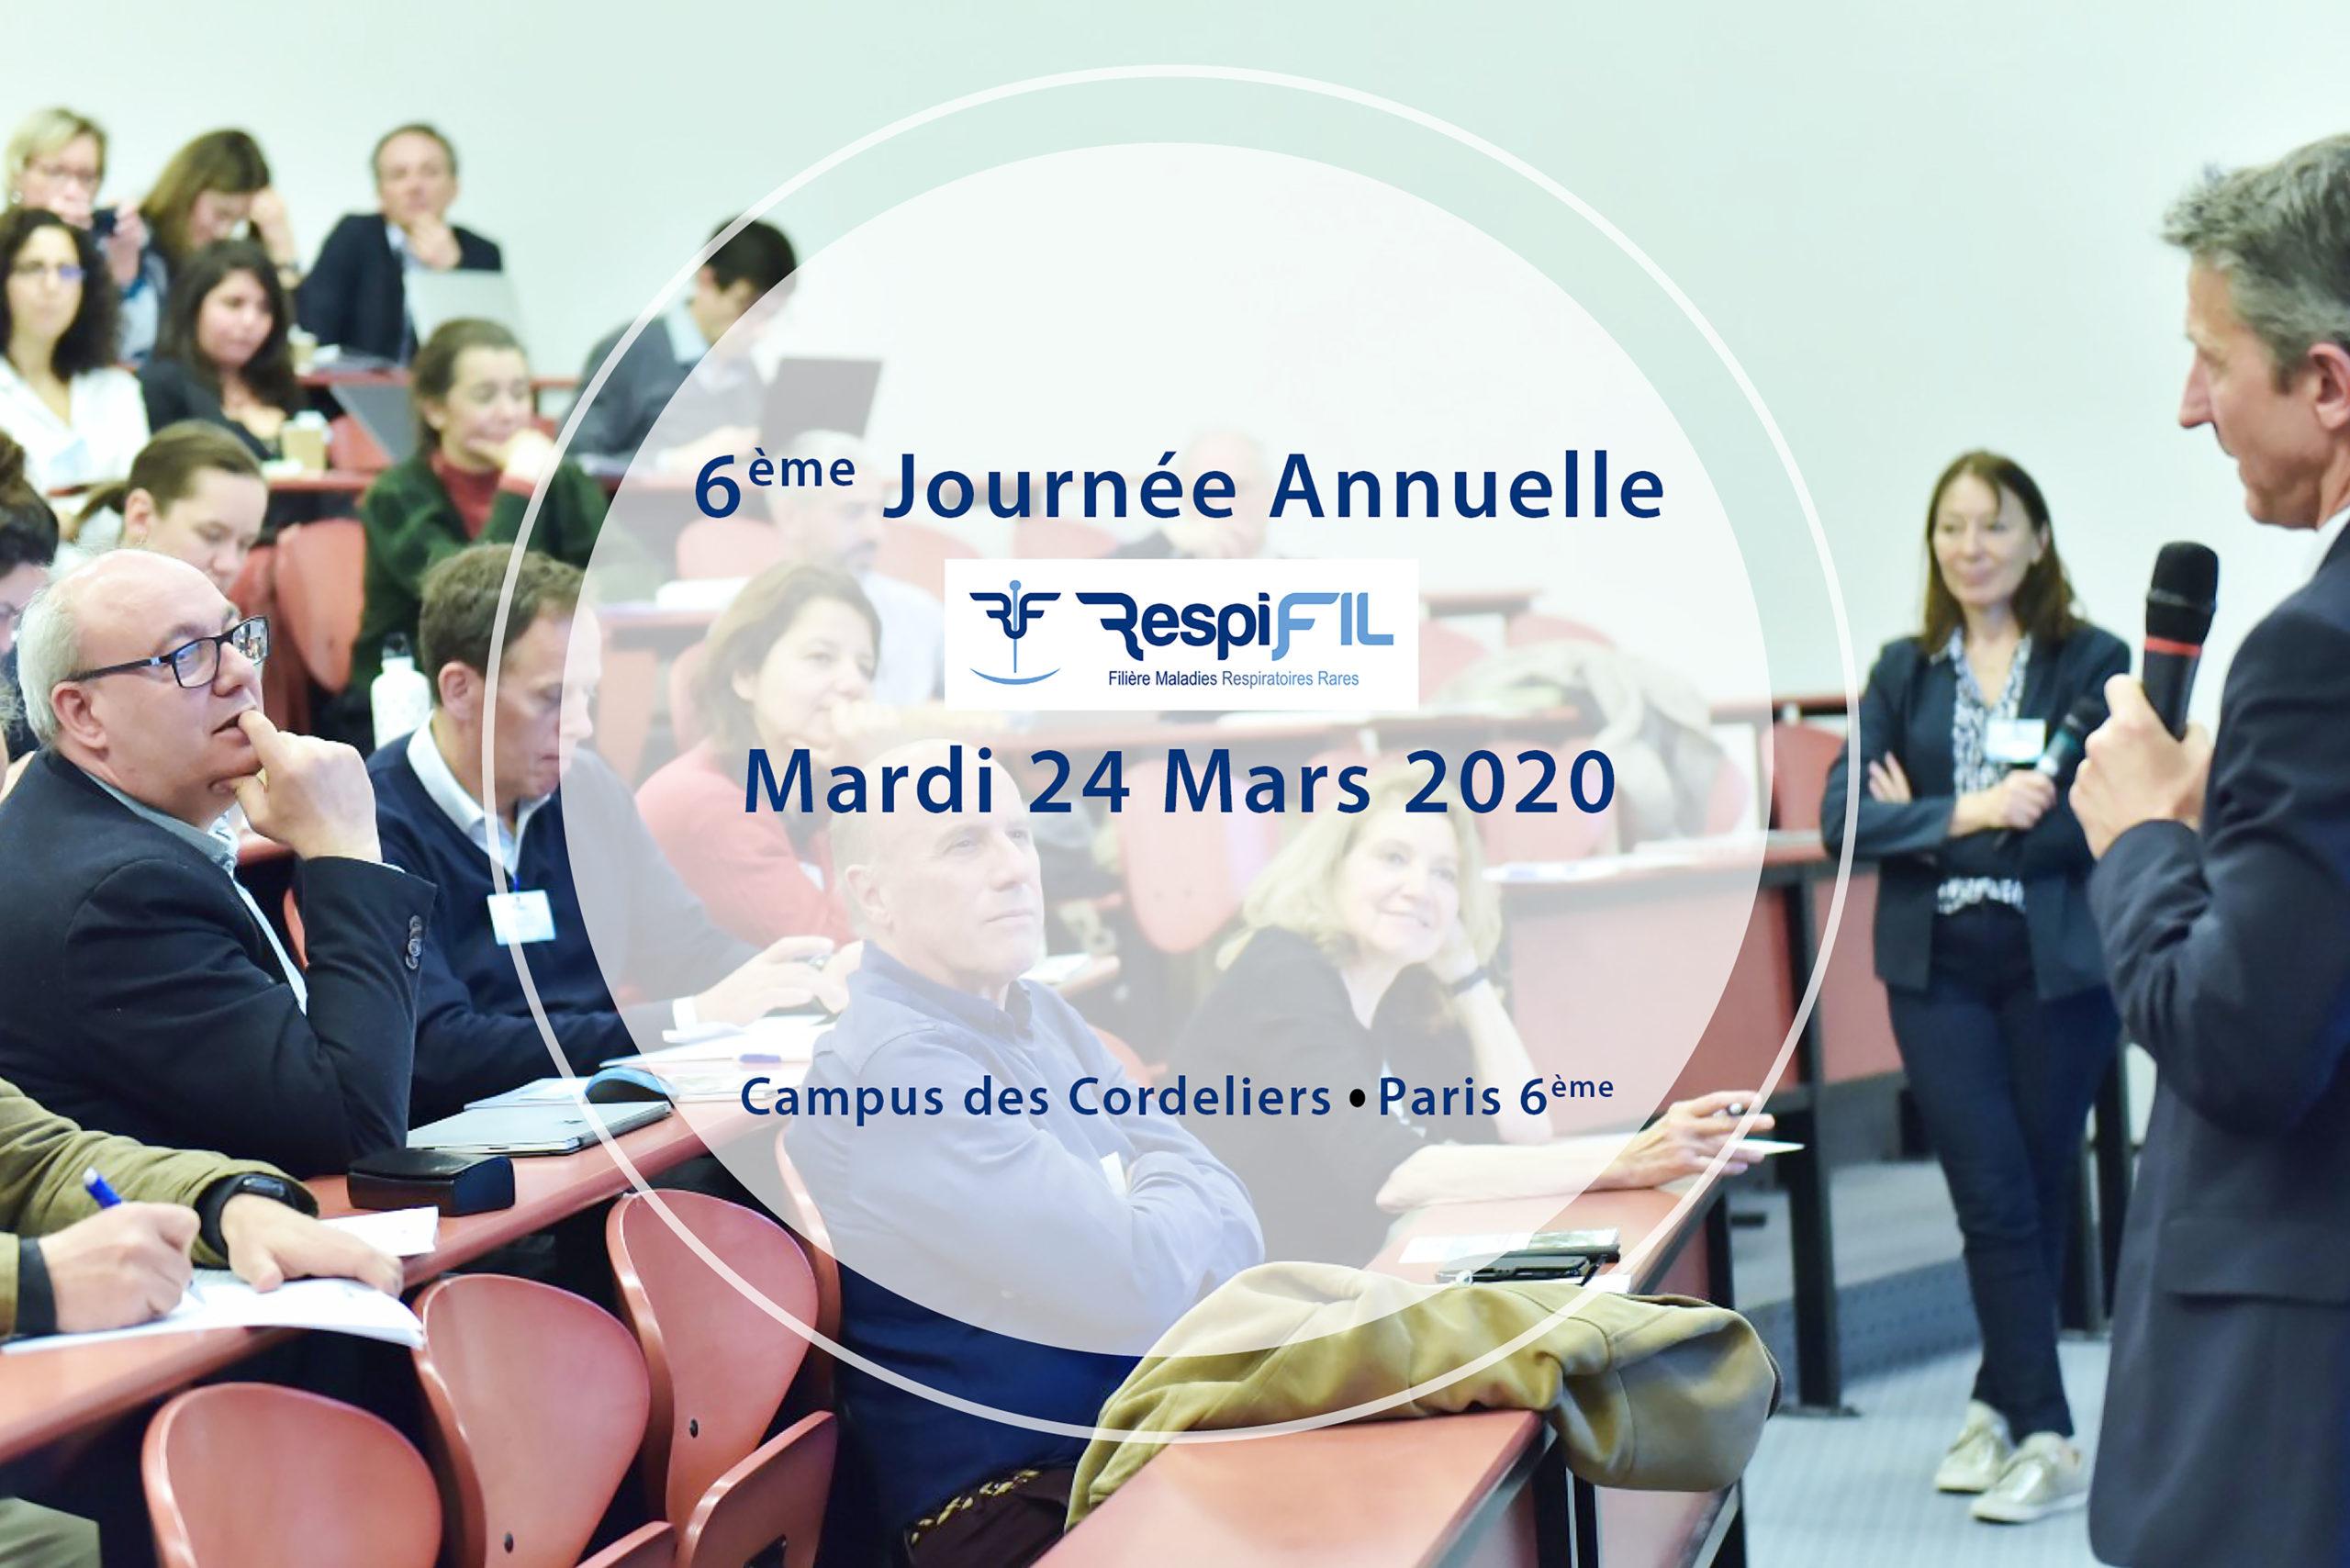 respifil journée annuelle mars 2020